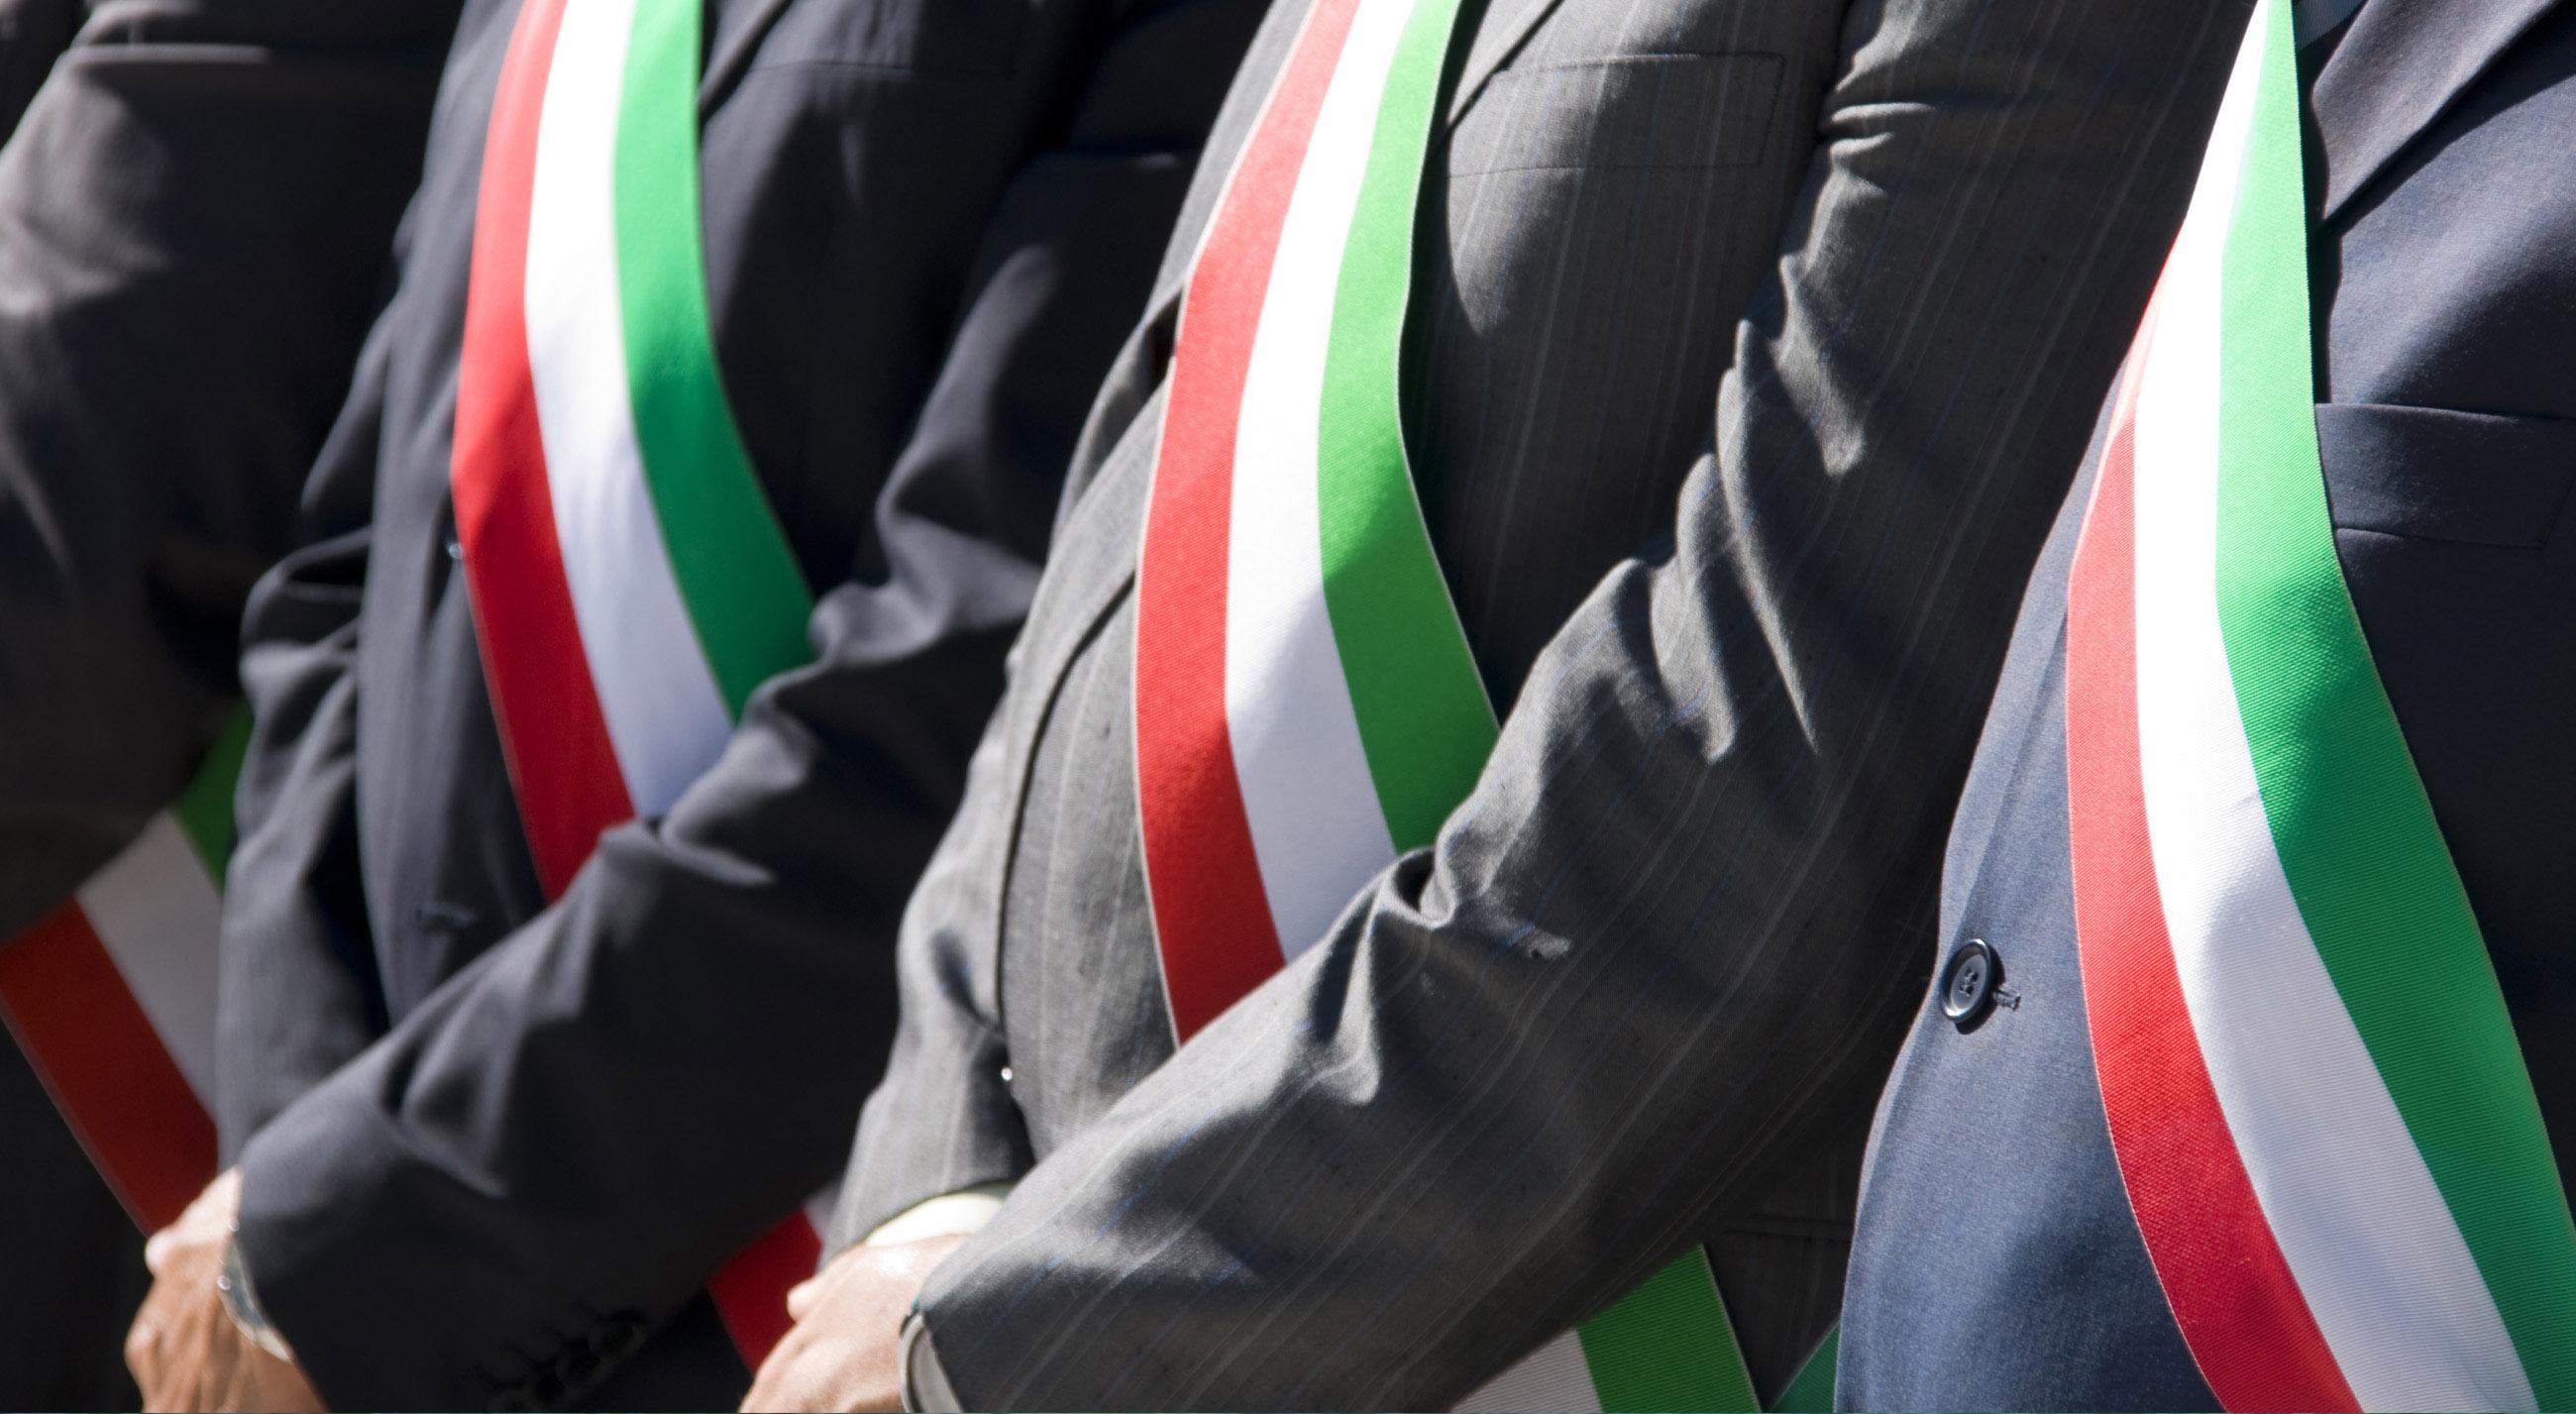 Narrare le mafie: dal 18 ottobre al 29 novembre a Bologna, un ciclo di incontri sulla valorizzazione della cultura della legalità promosso dal Comune, Avviso Pubblico e Cineteca Bologna